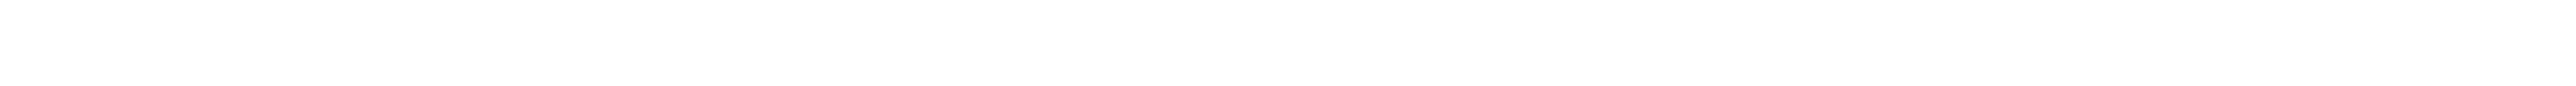 תחתיות מעוצבות להבדלה - דוגמא - אמנות יודאיקה ייחודית